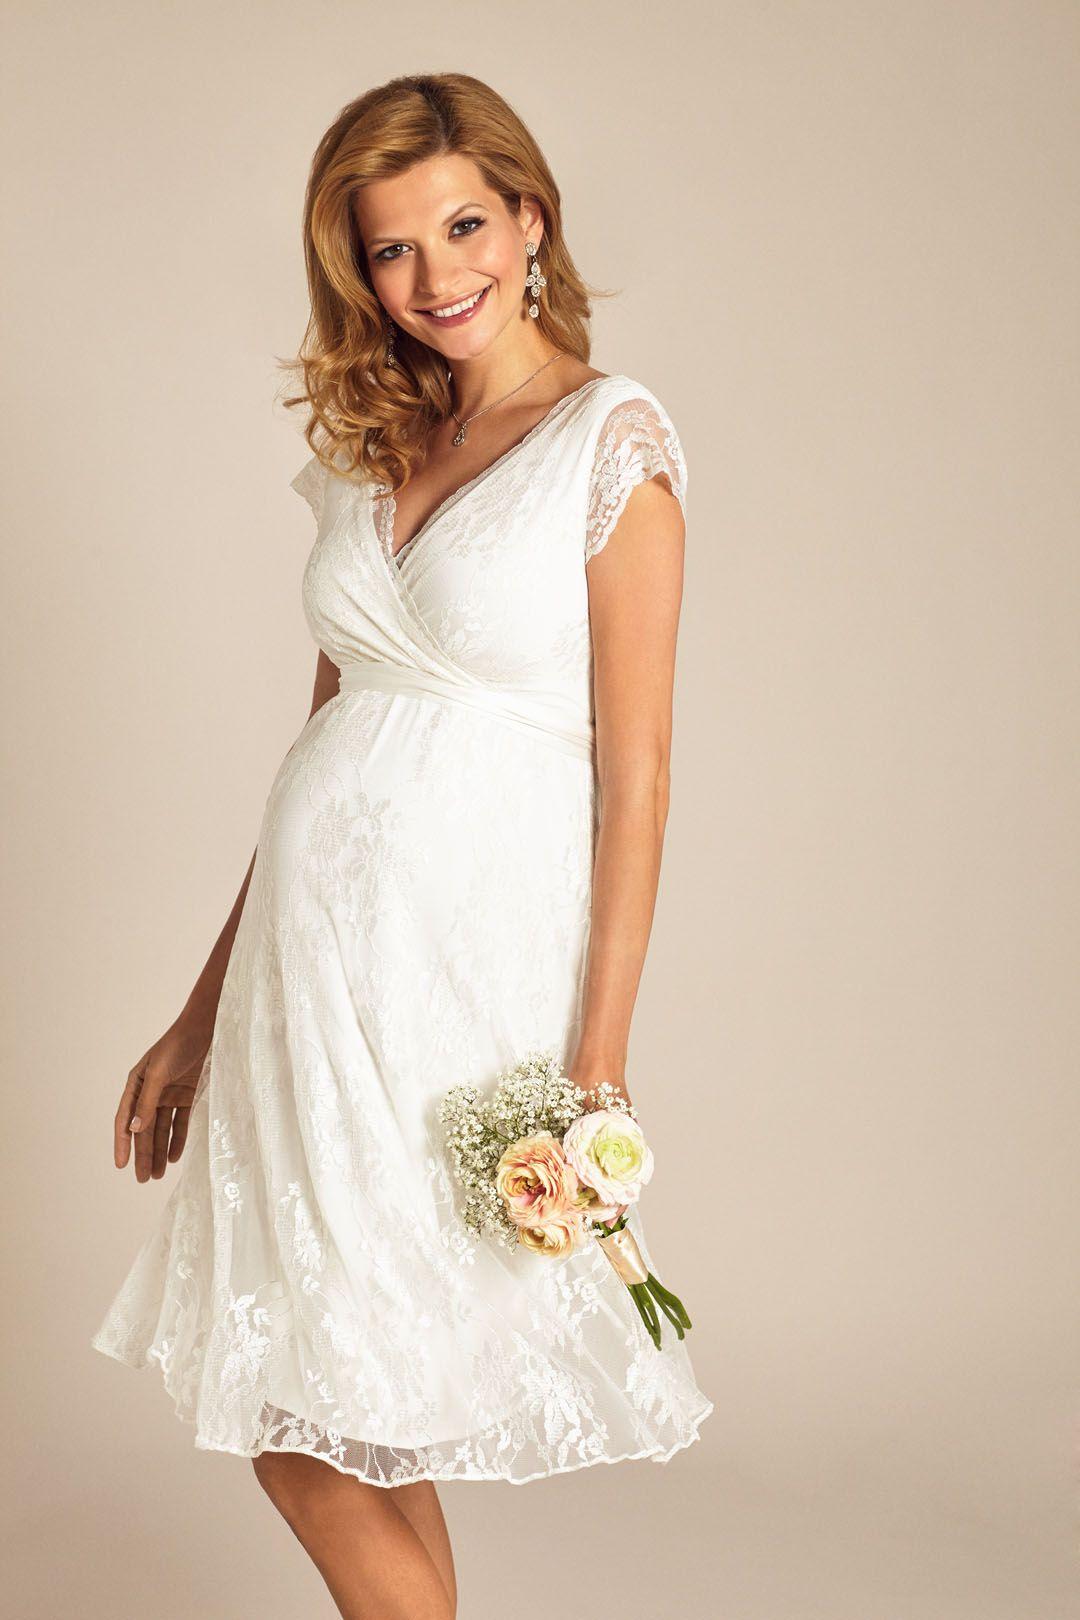 Heiraten mit Babybauch im Hochzeitskleid für Schwangere von